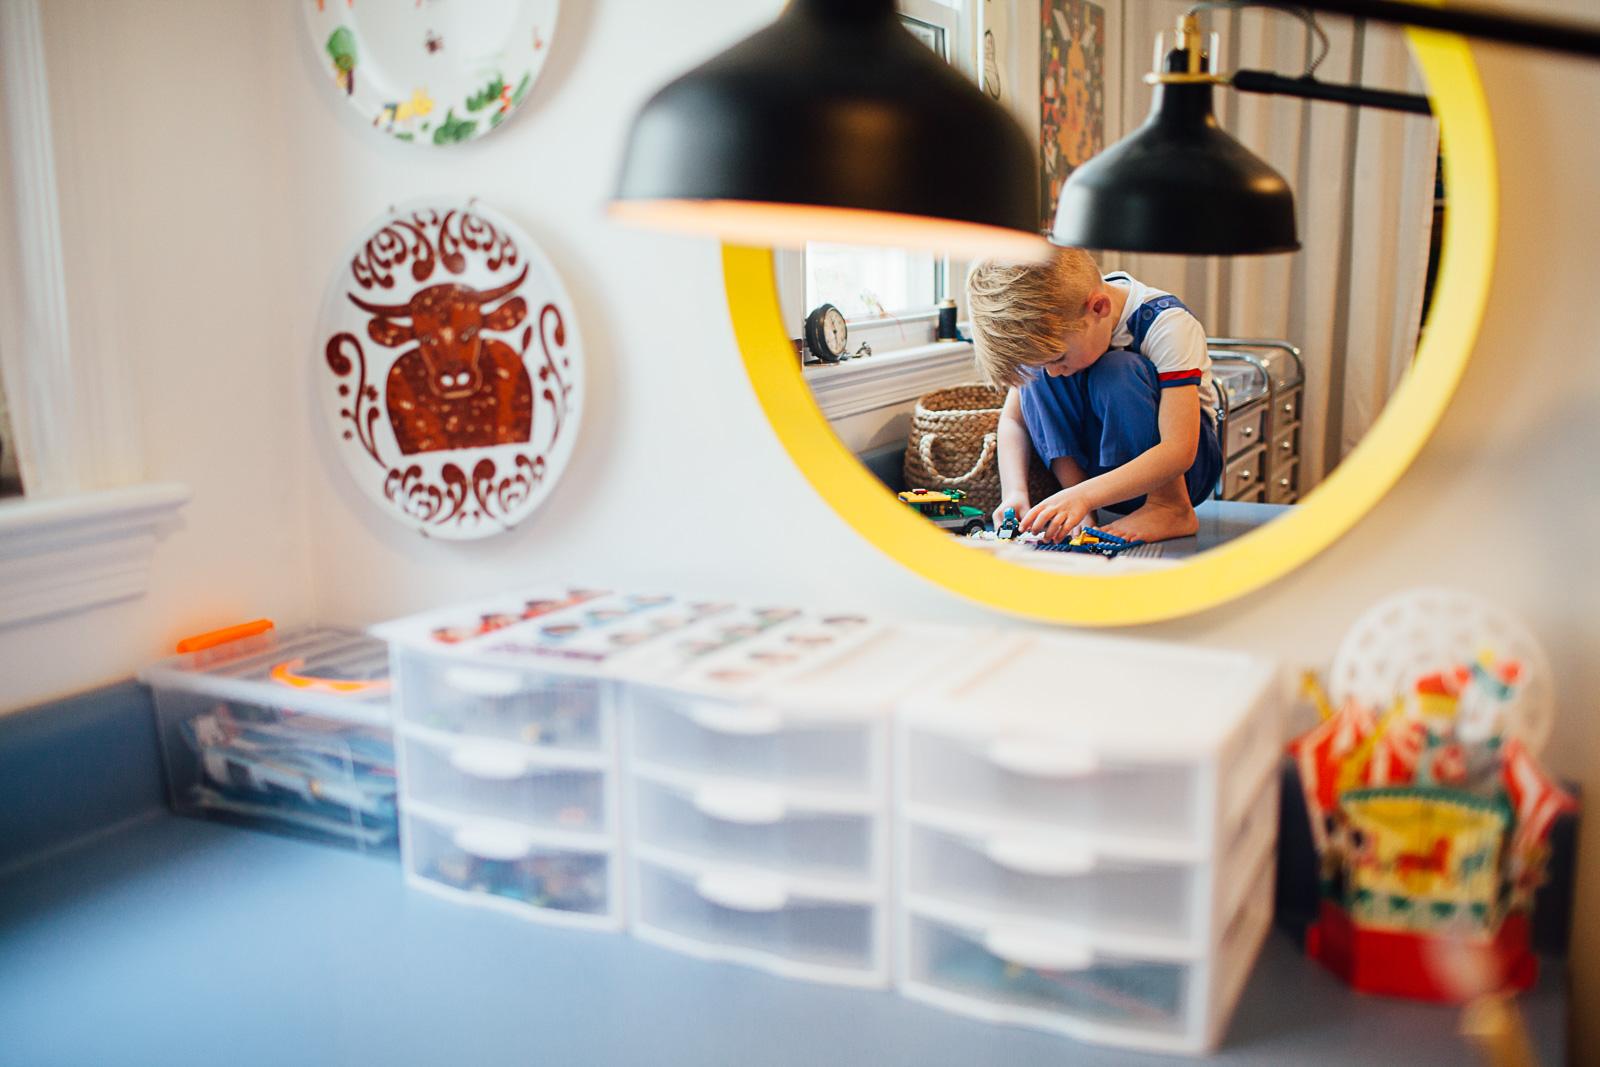 Boy playing legos on a desk